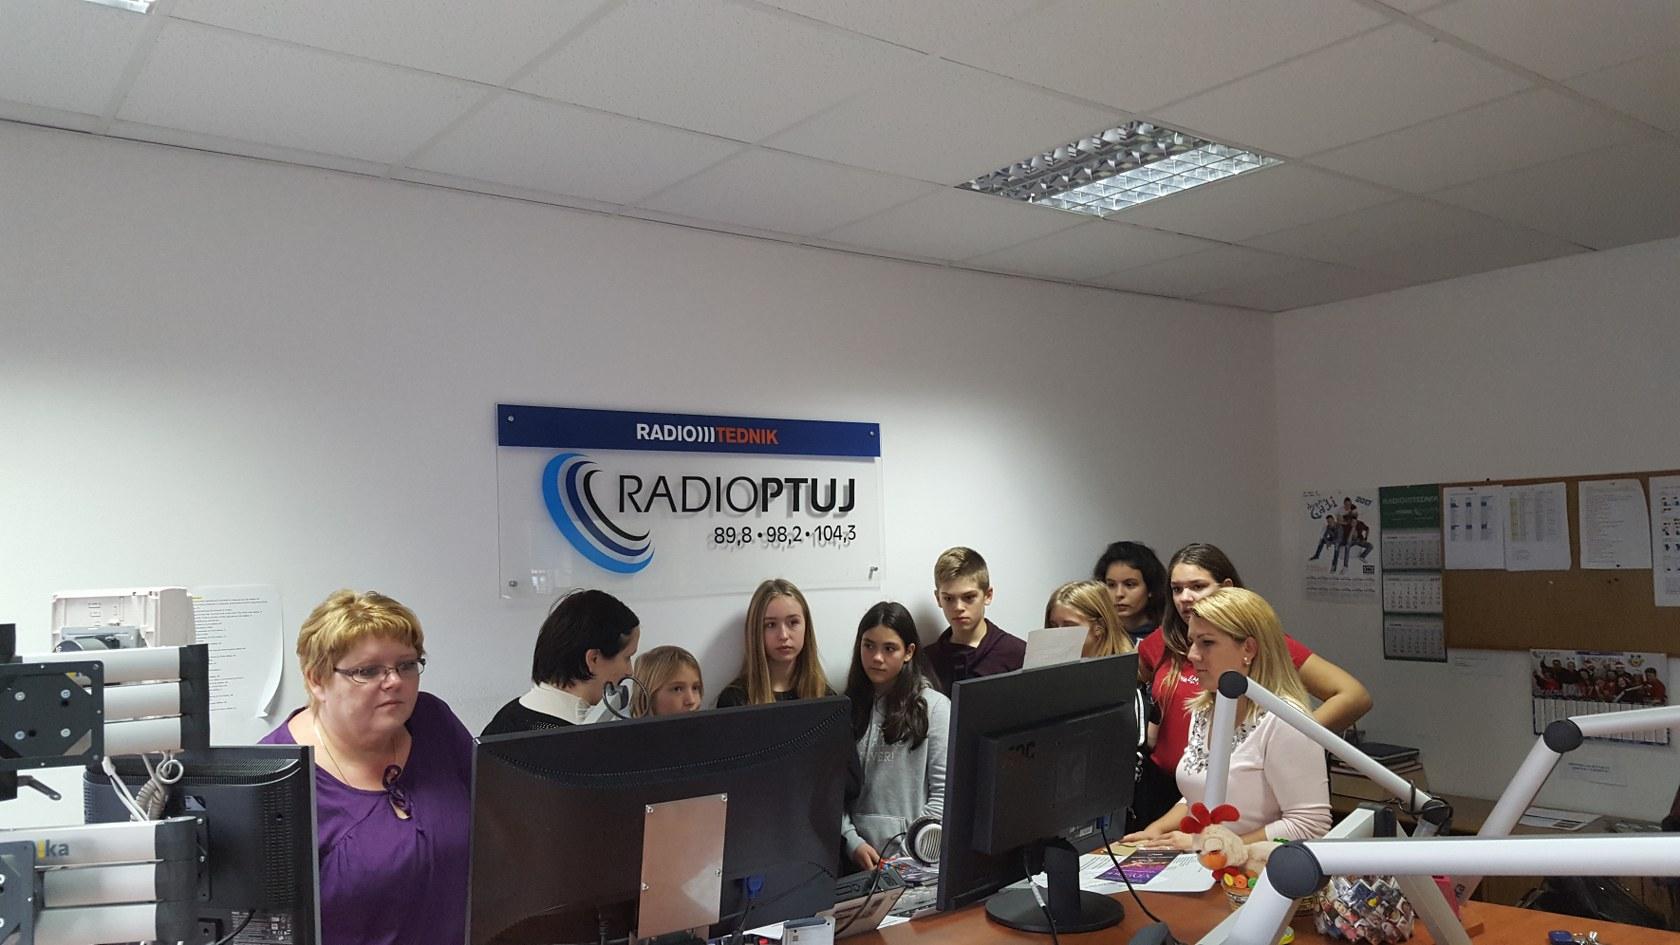 obisk-radia-tednik-ptuj-novinar-9_1680x945